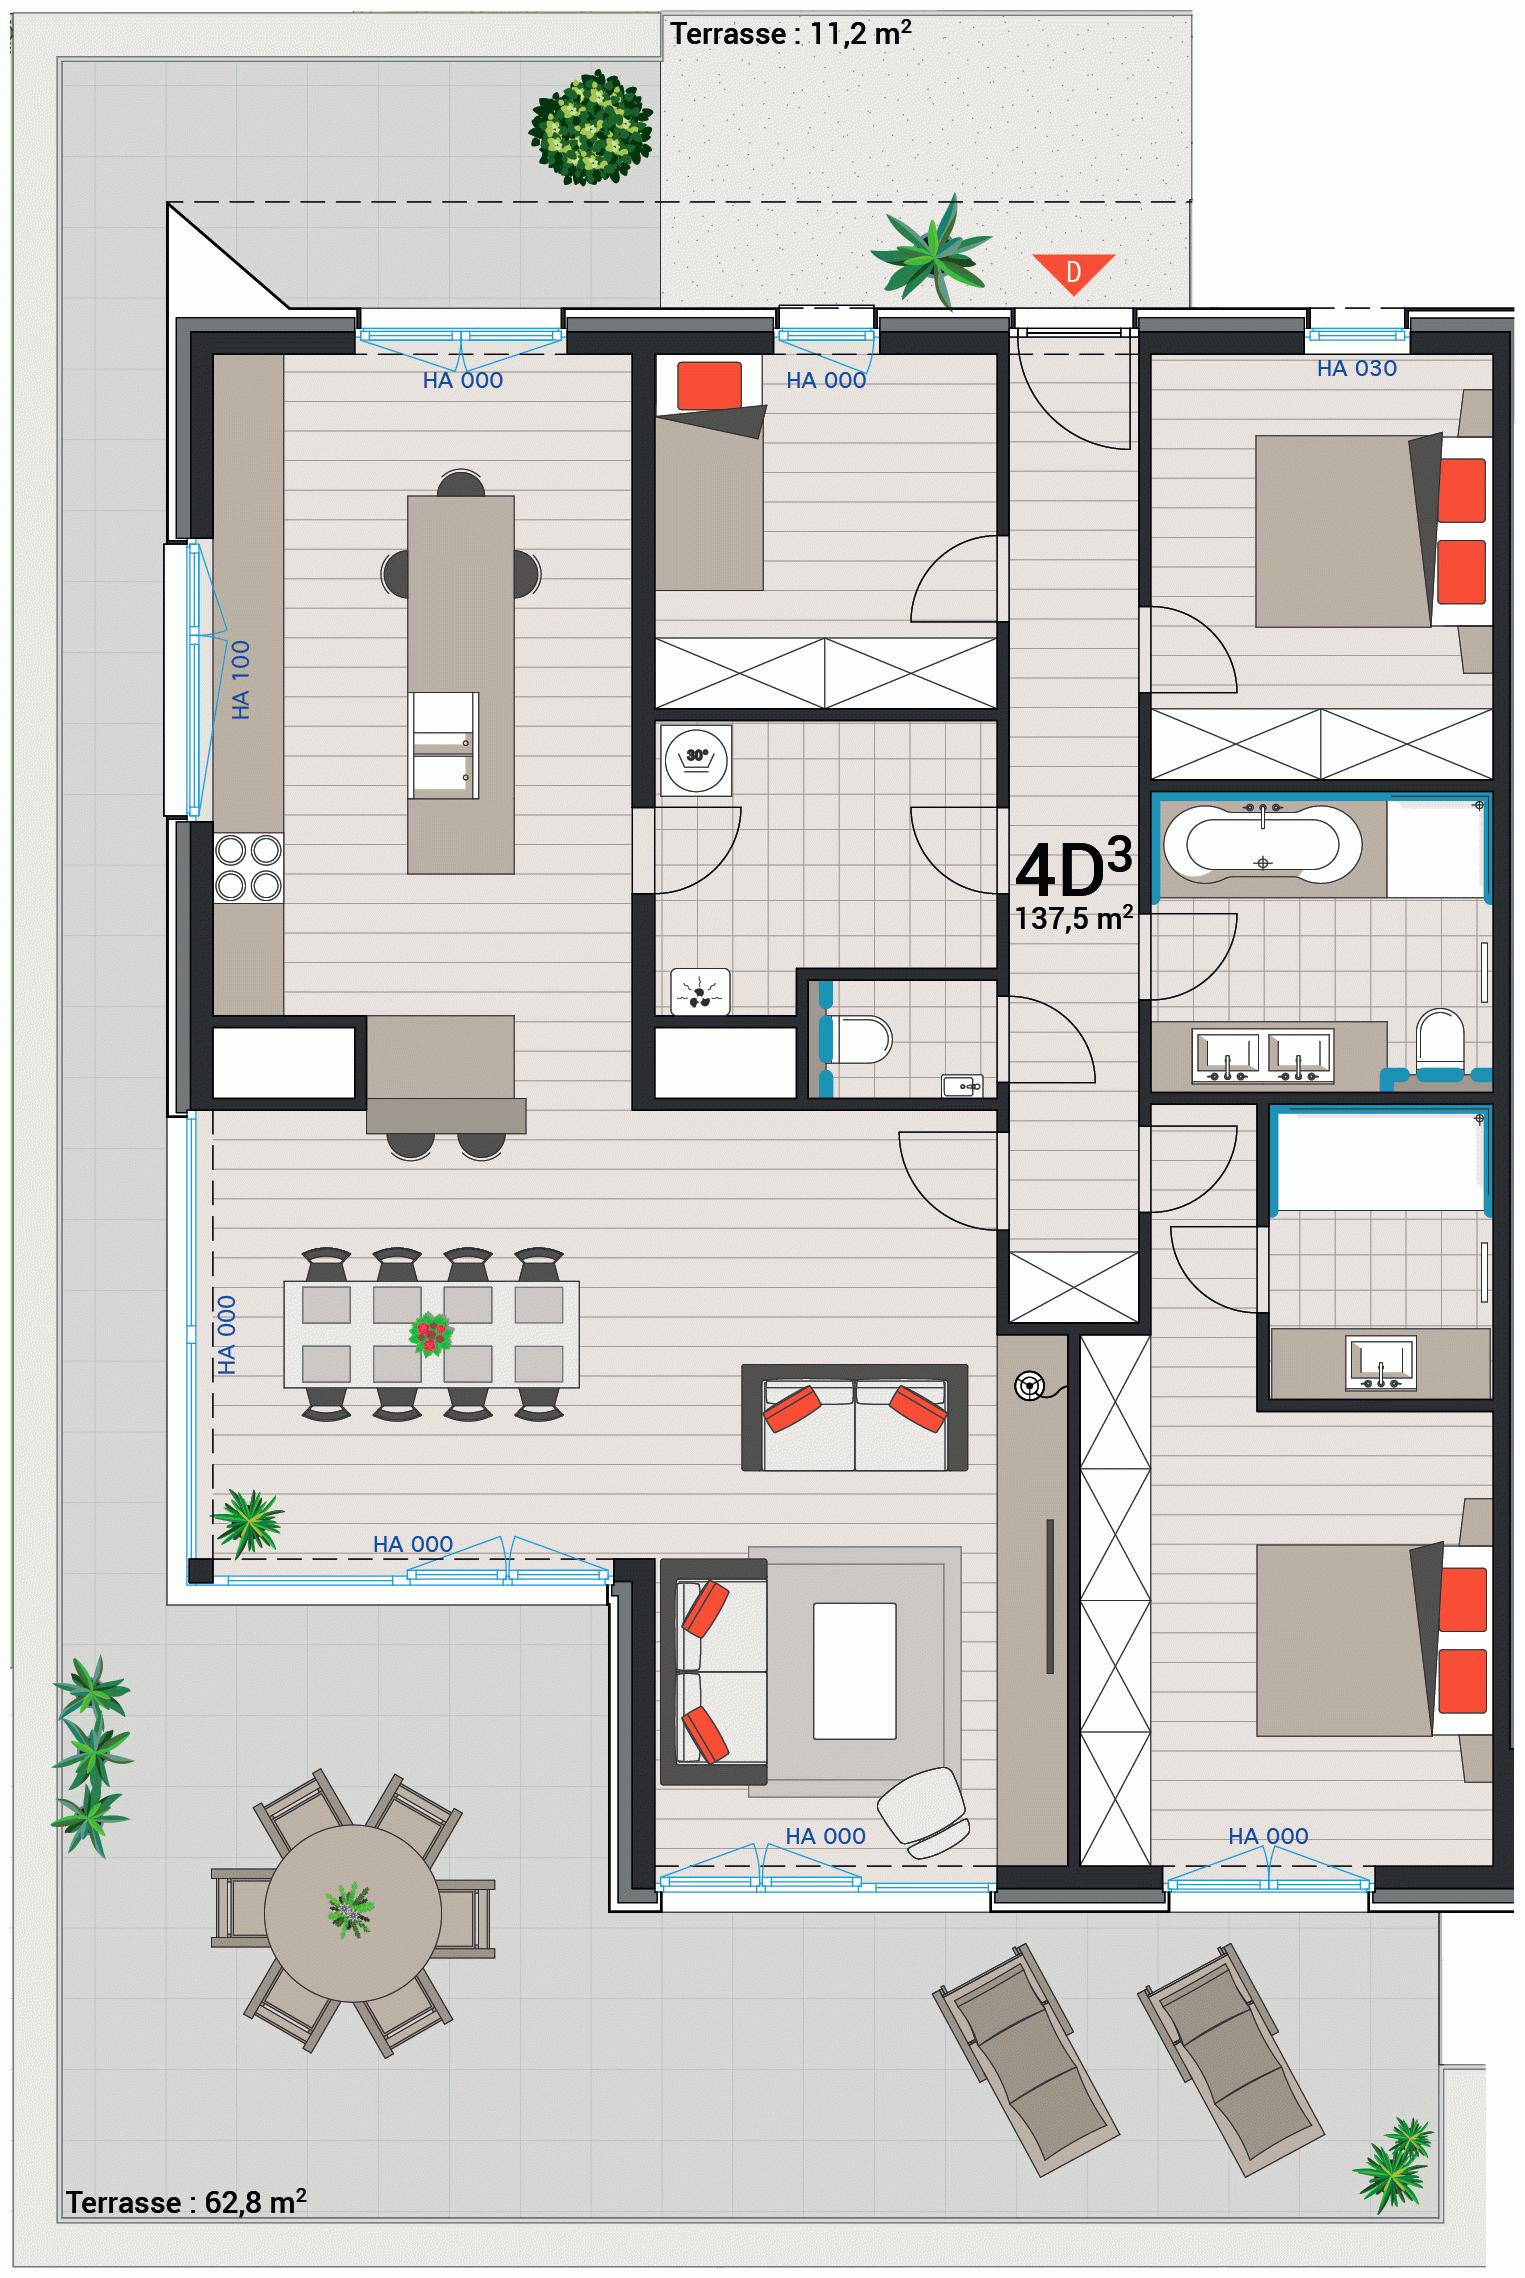 Wohnung 4D